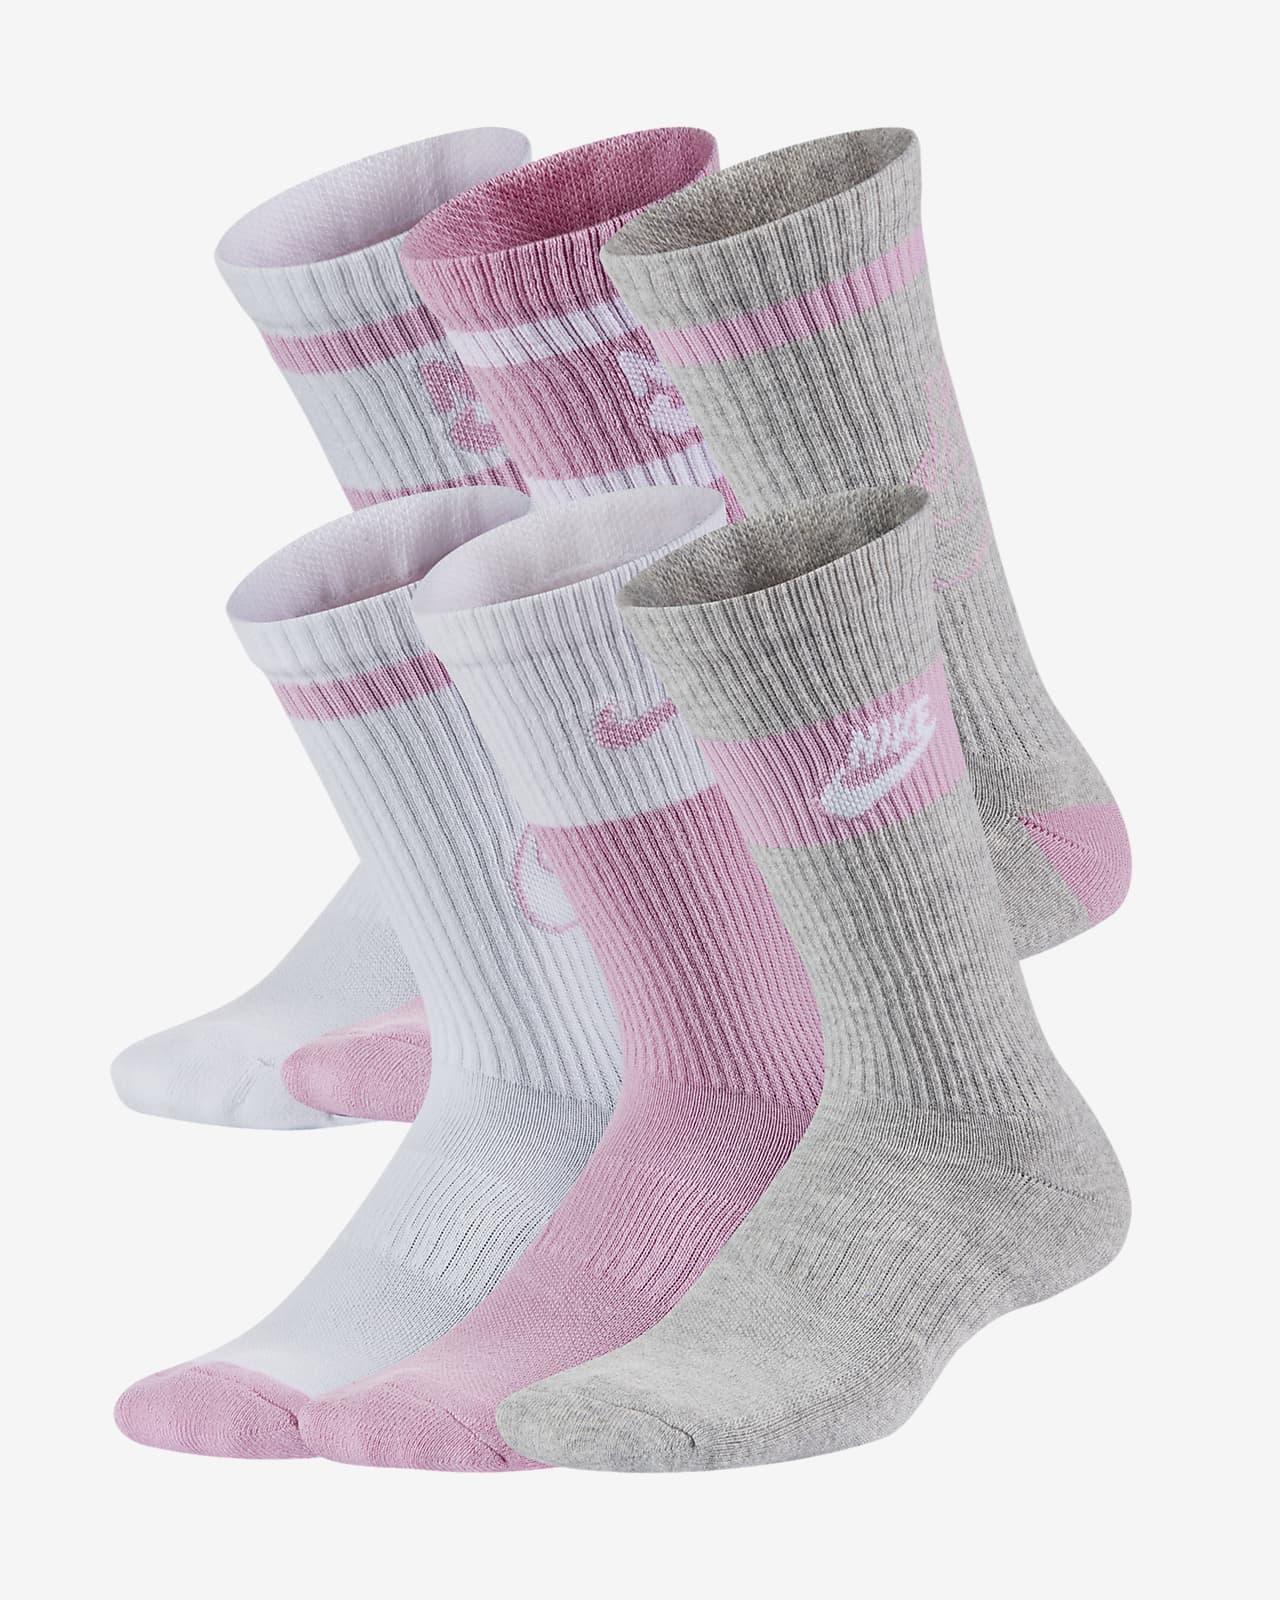 Everyday Yastıklamalı Çocuk Çorapları 6 Çift (CK7302-905)